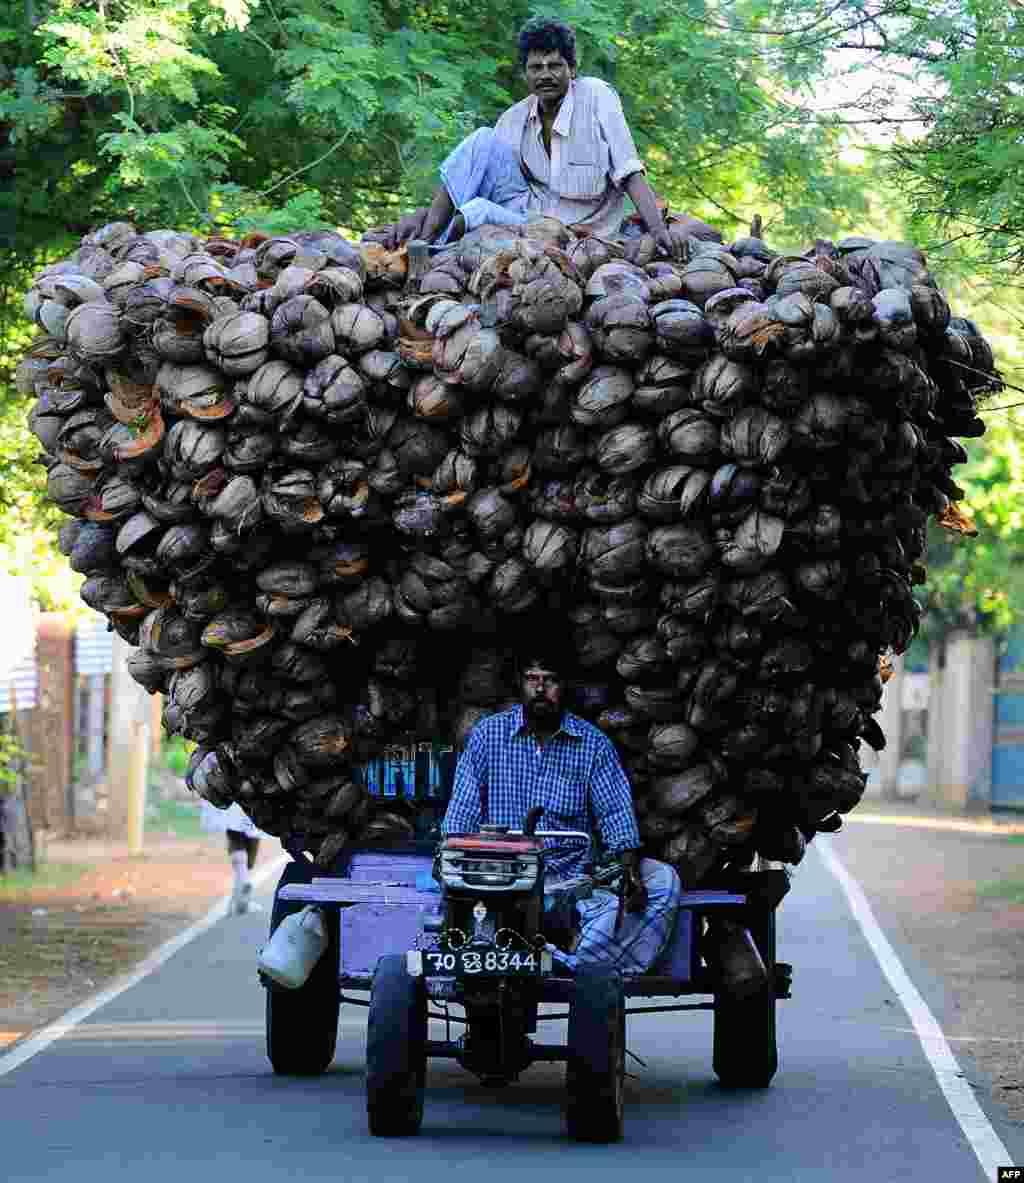 Sri Lankan Tamil farmers transport coconut husk in Jaffna, 400 kilometers (250 miles) north of the capital Colombo.